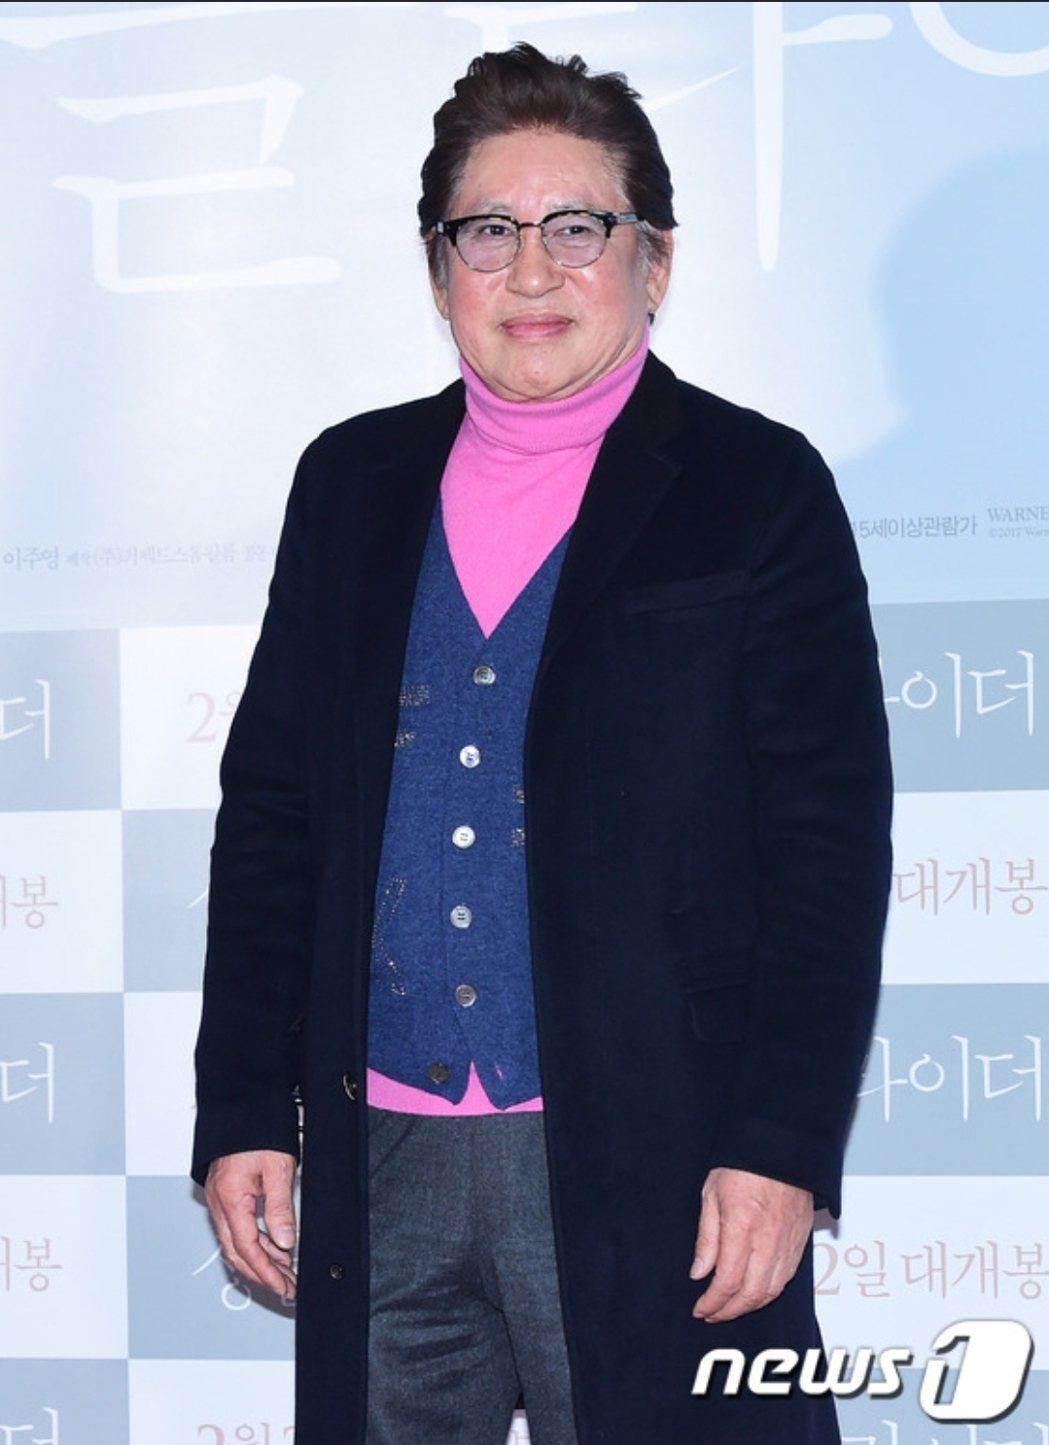 金容建是韓國知名演員。圖/摘自news1